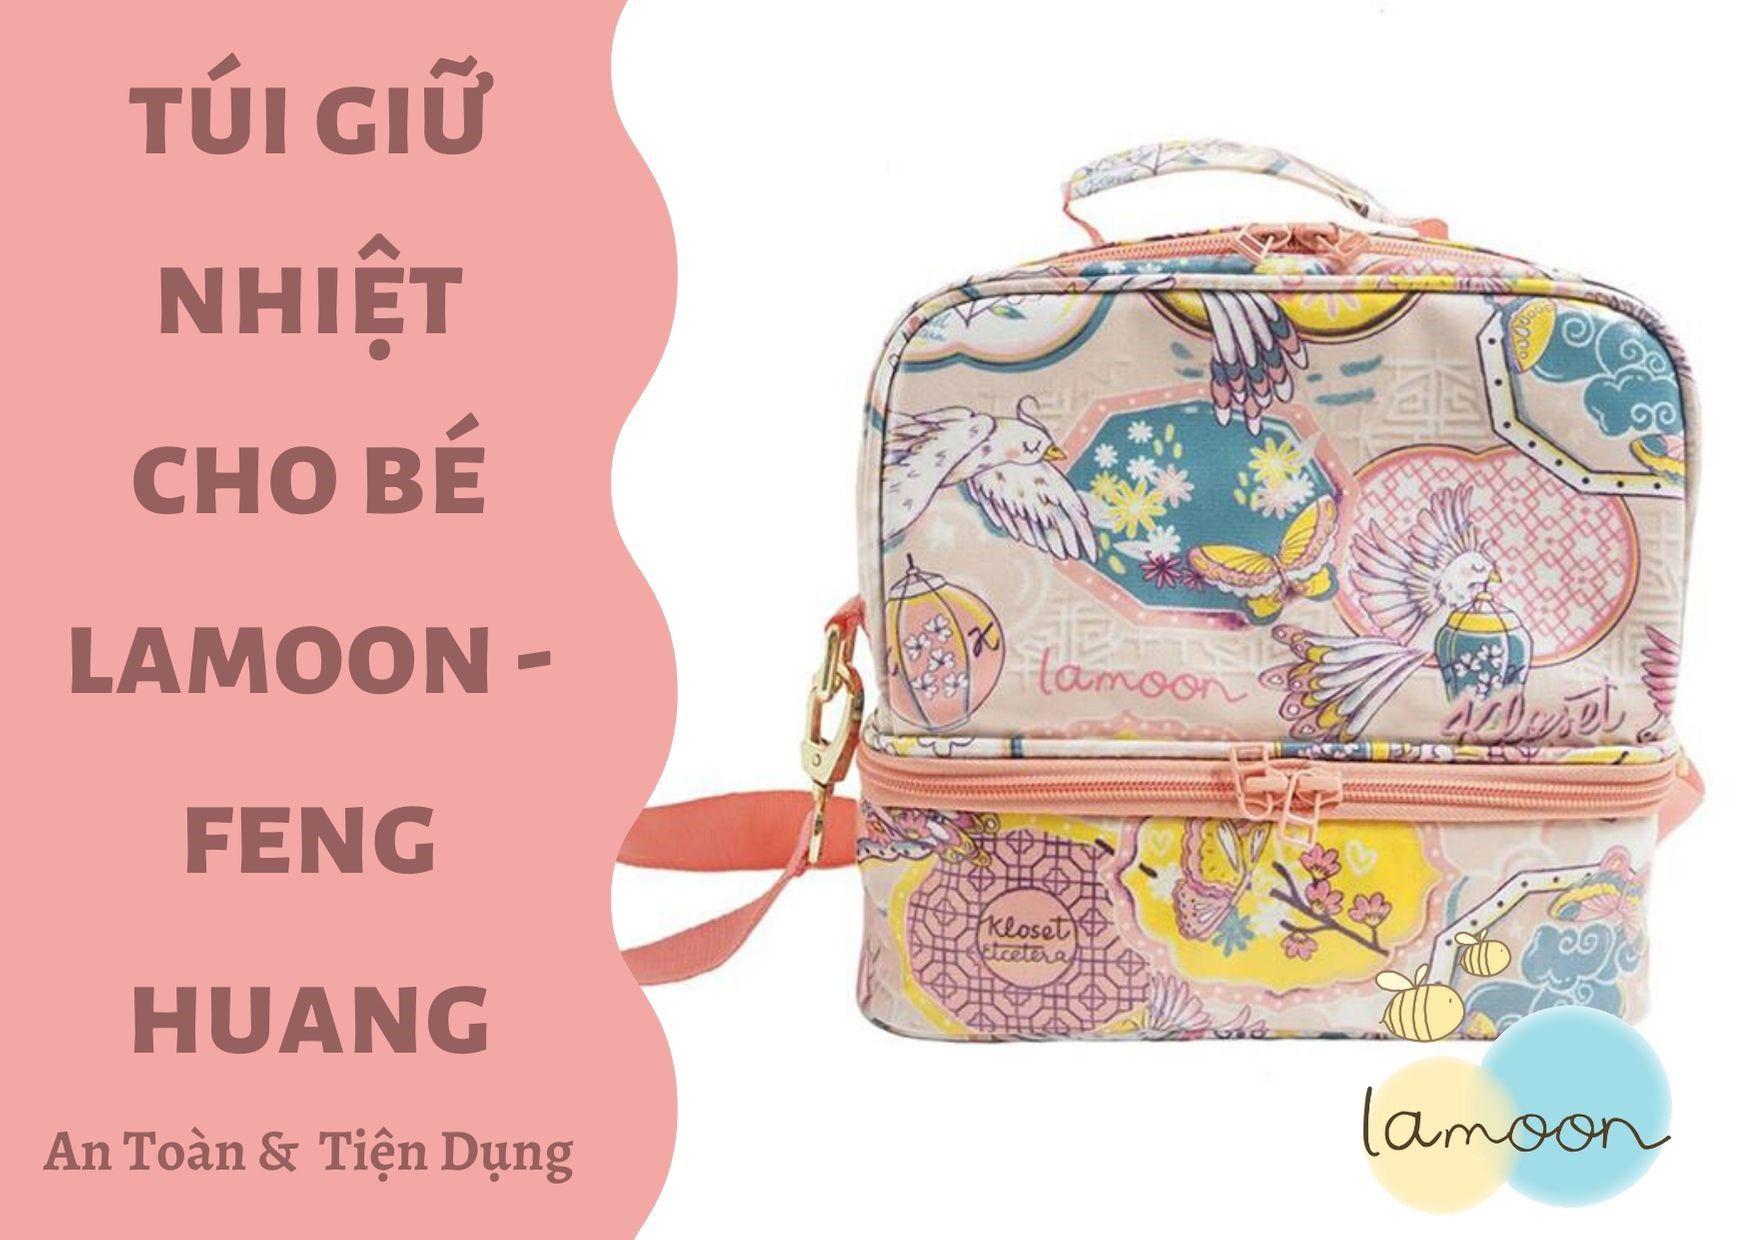 Túi giữ nhiệt đa năng cho bé Lamoon x Kloset - Feng Huang